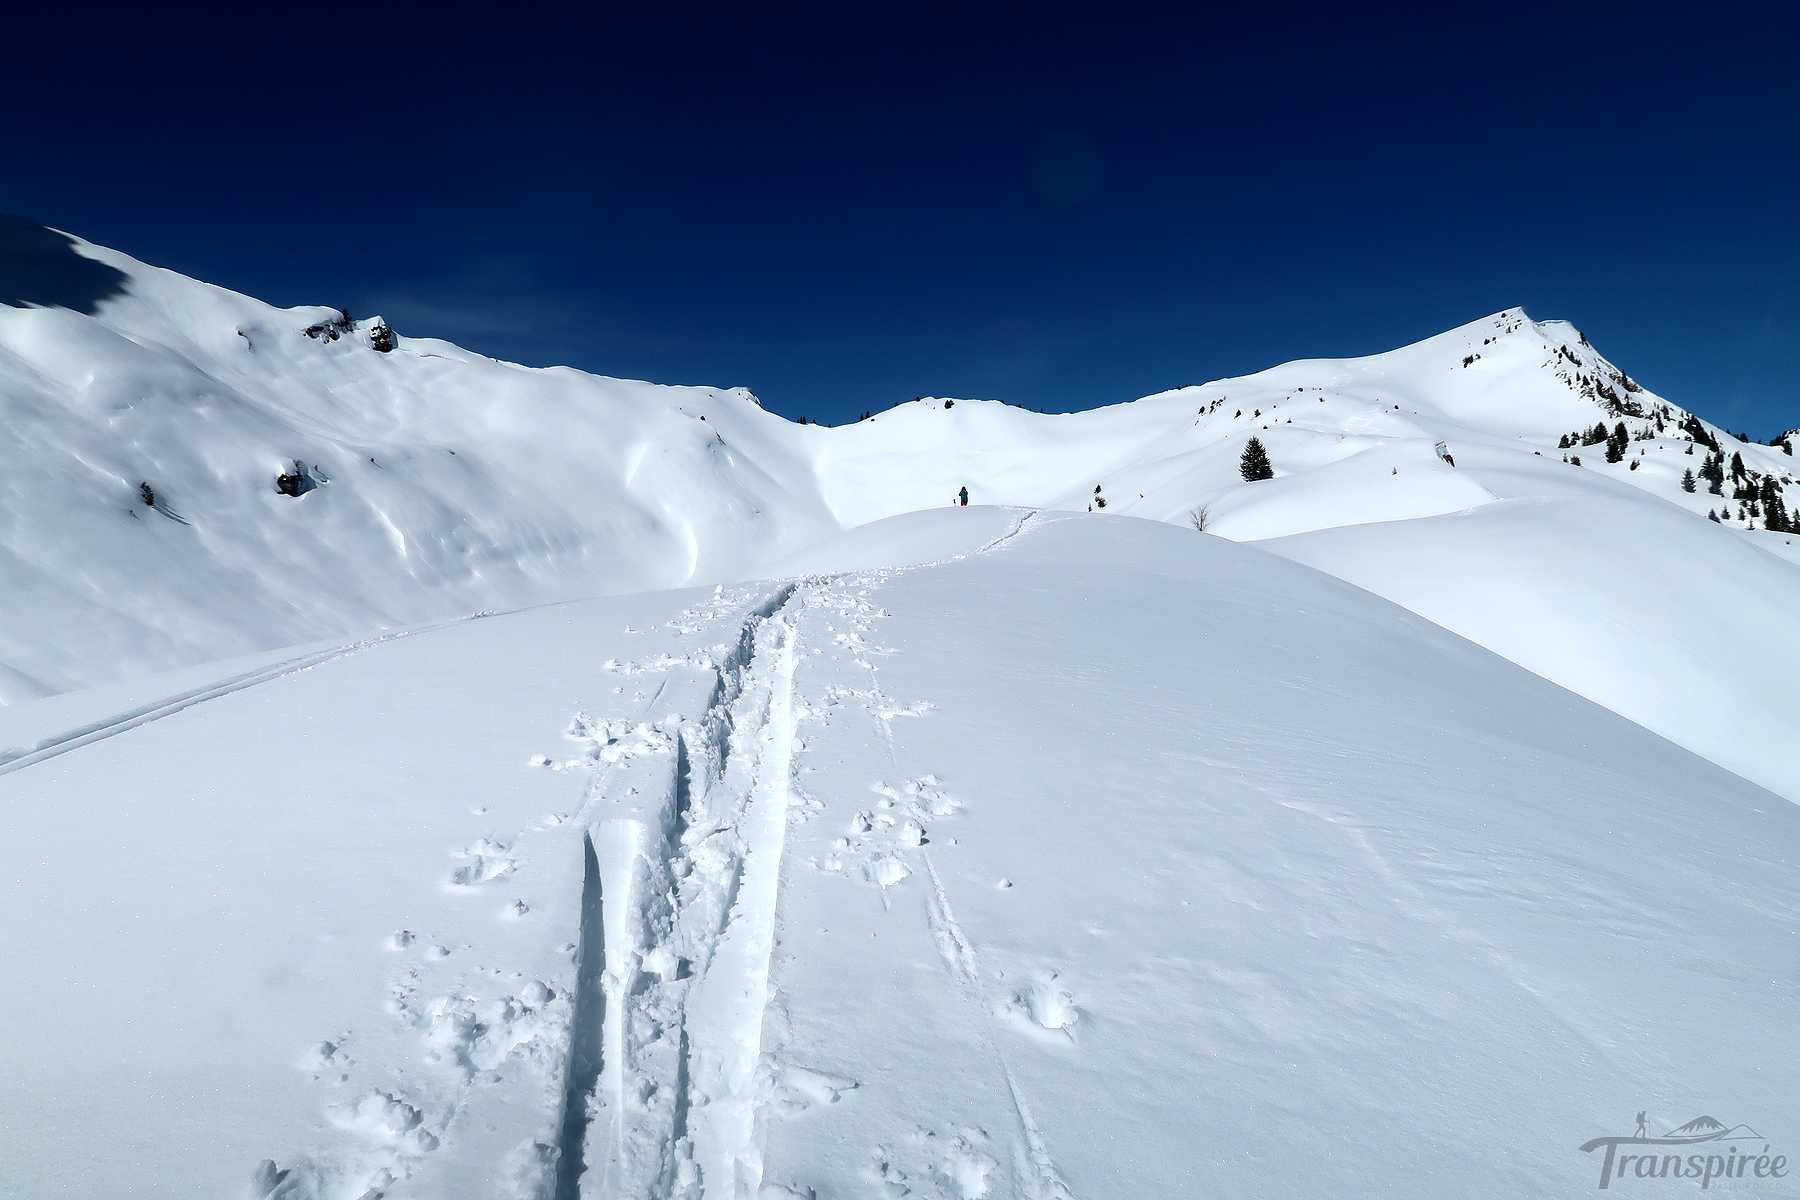 Ski de randonnée à la Pointe d'Ardens depuis le Lac des Plagnes. Retour par le refuge des Tinderets